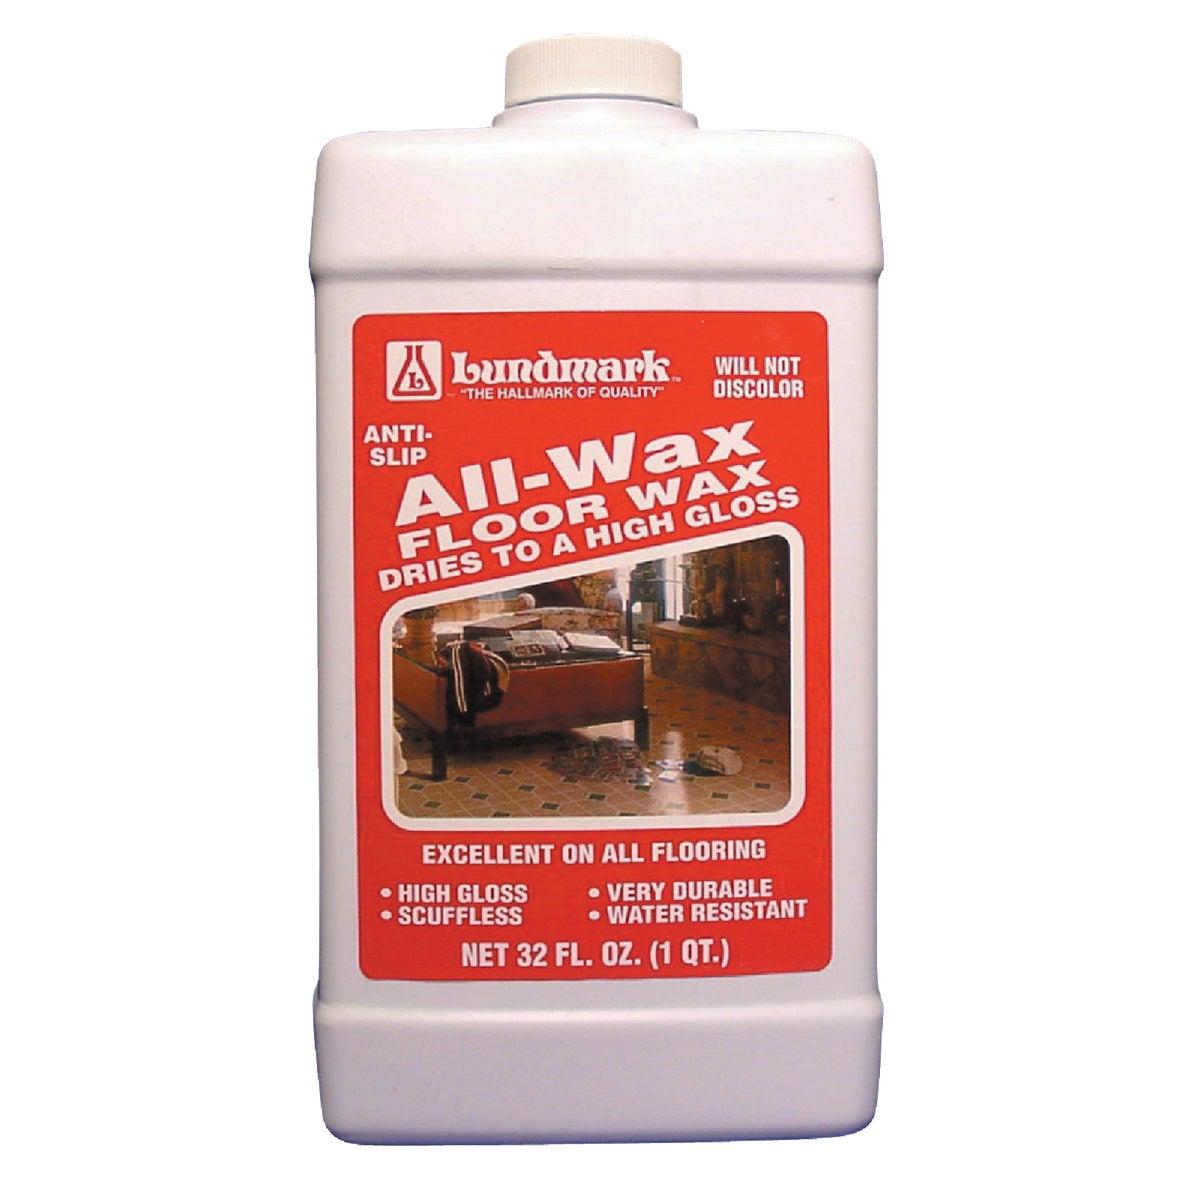 32Oz All-Wax Floor Wax